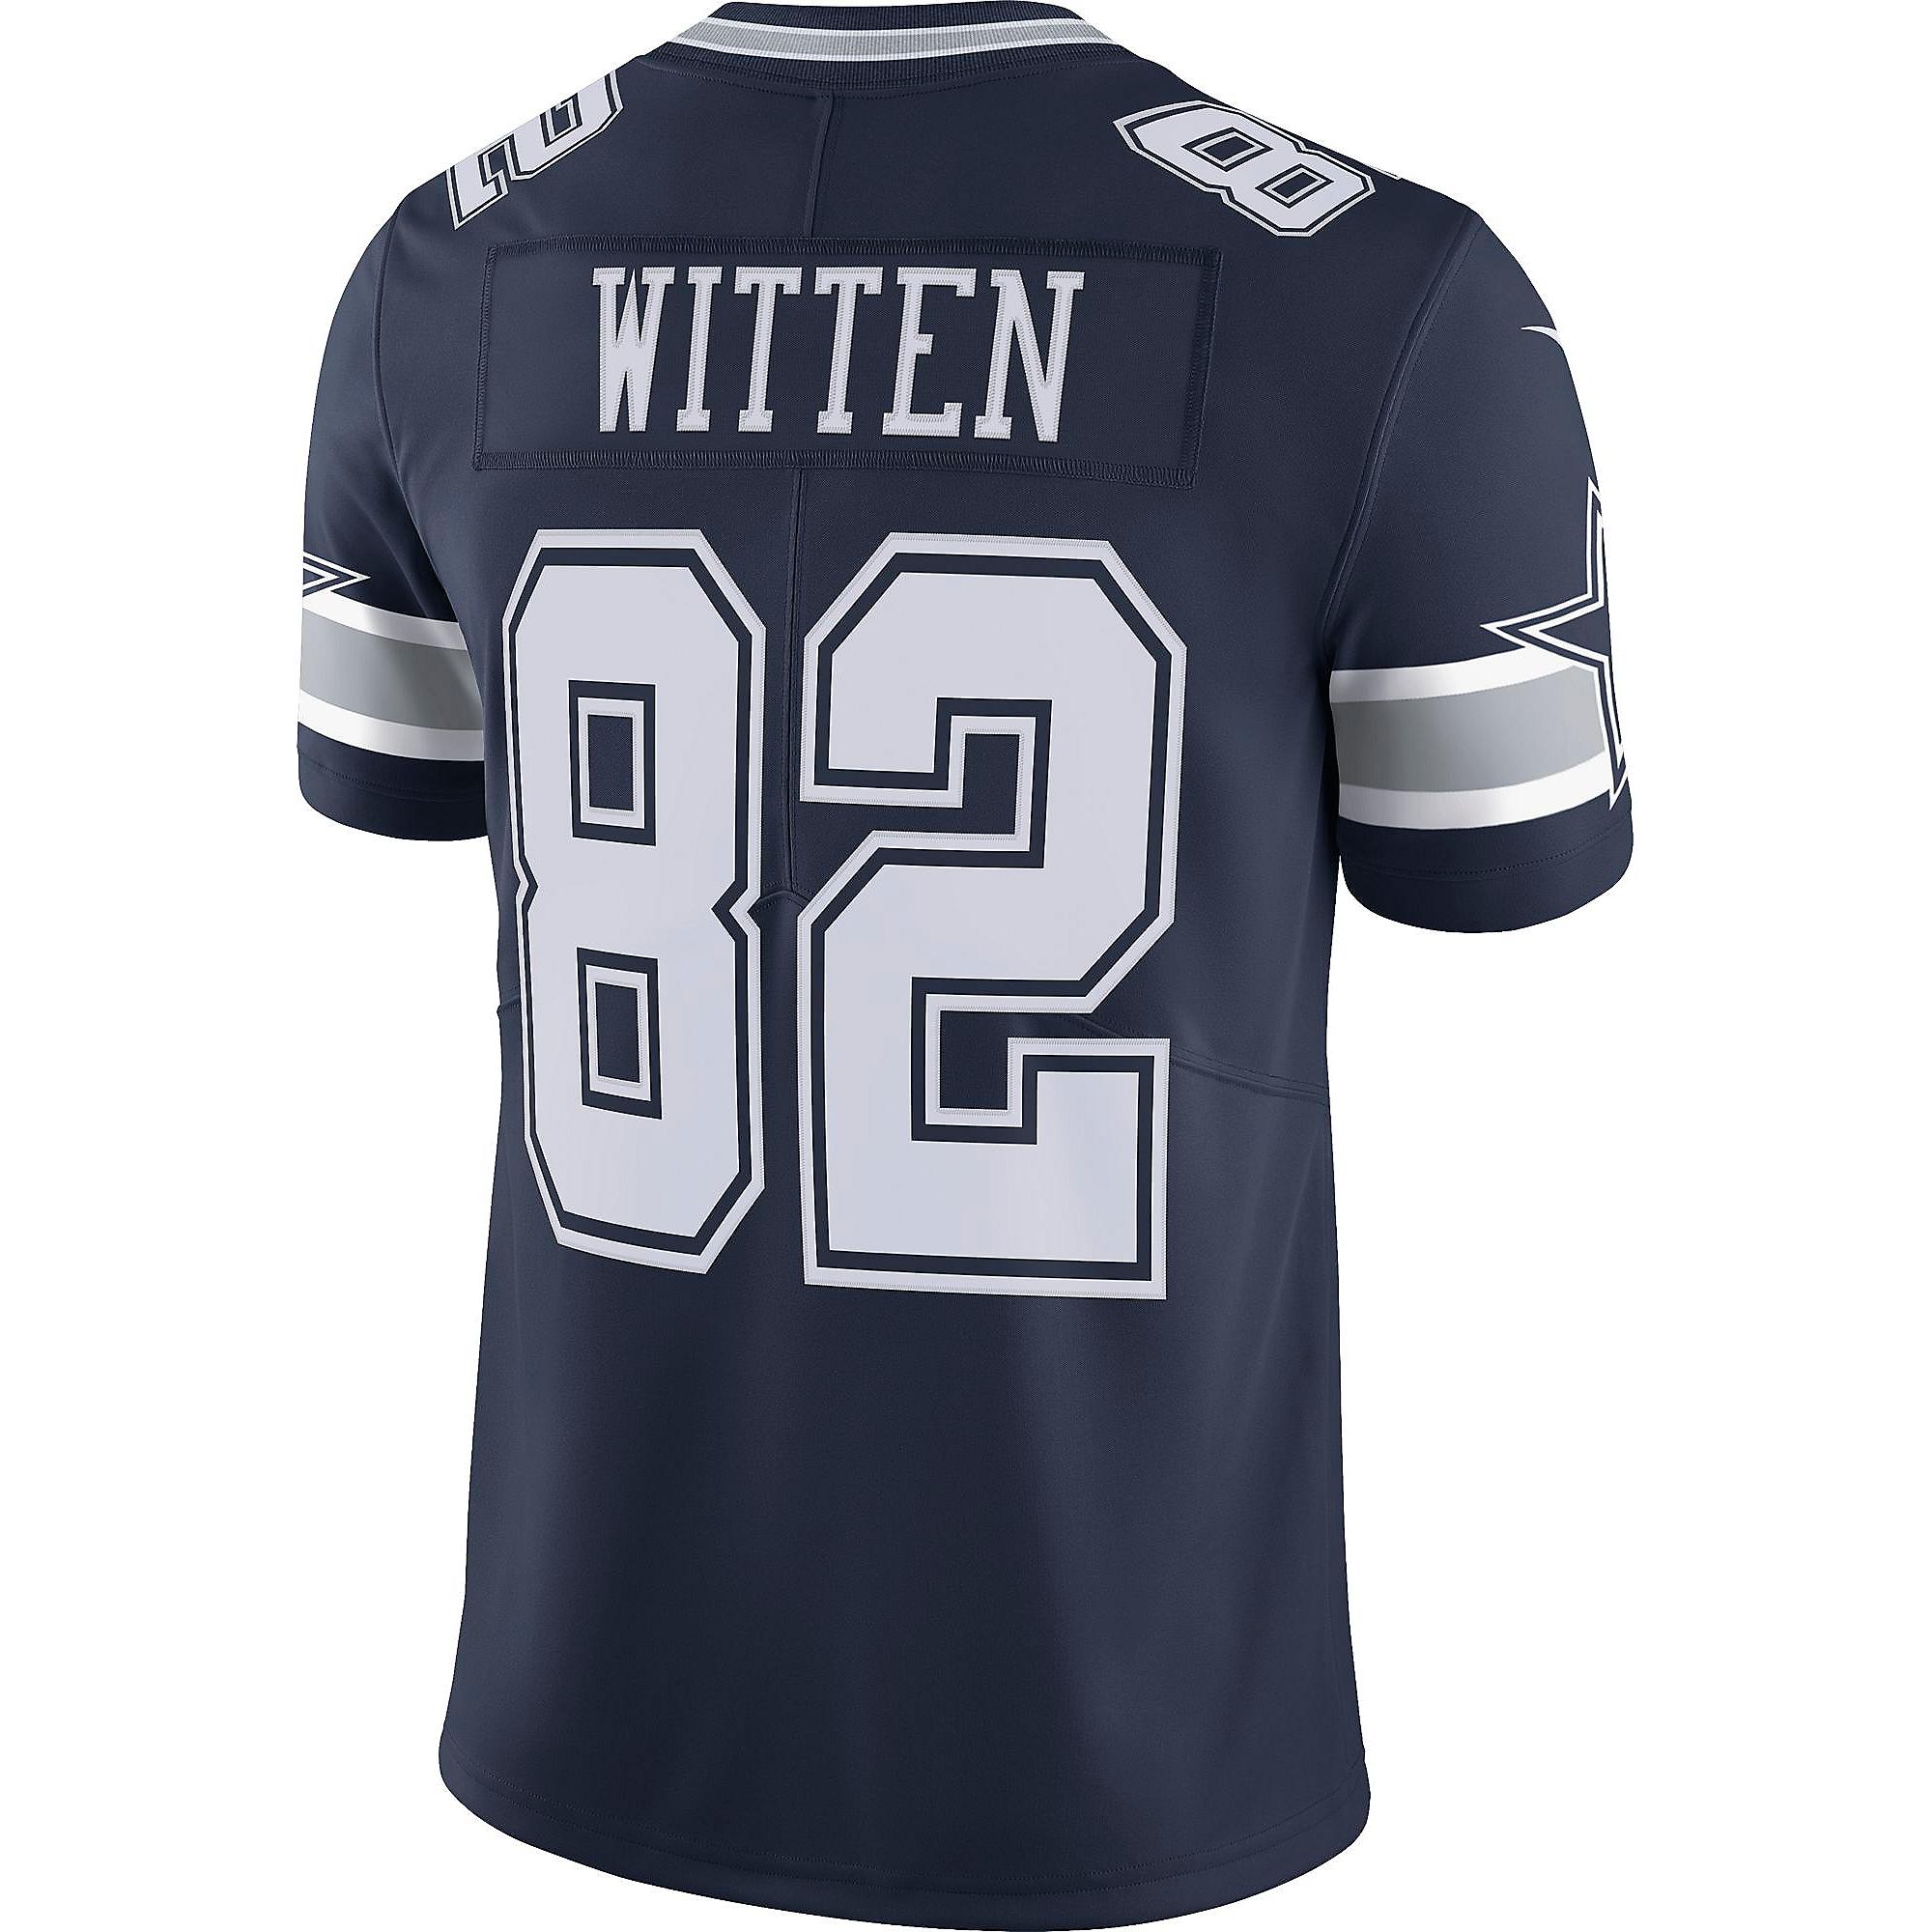 d24b39e4fe7 Dallas Cowboys Jason Witten #82 Nike Vapor Untouchable Navy Limited Jersey  | Dallas Cowboys Pro Shop